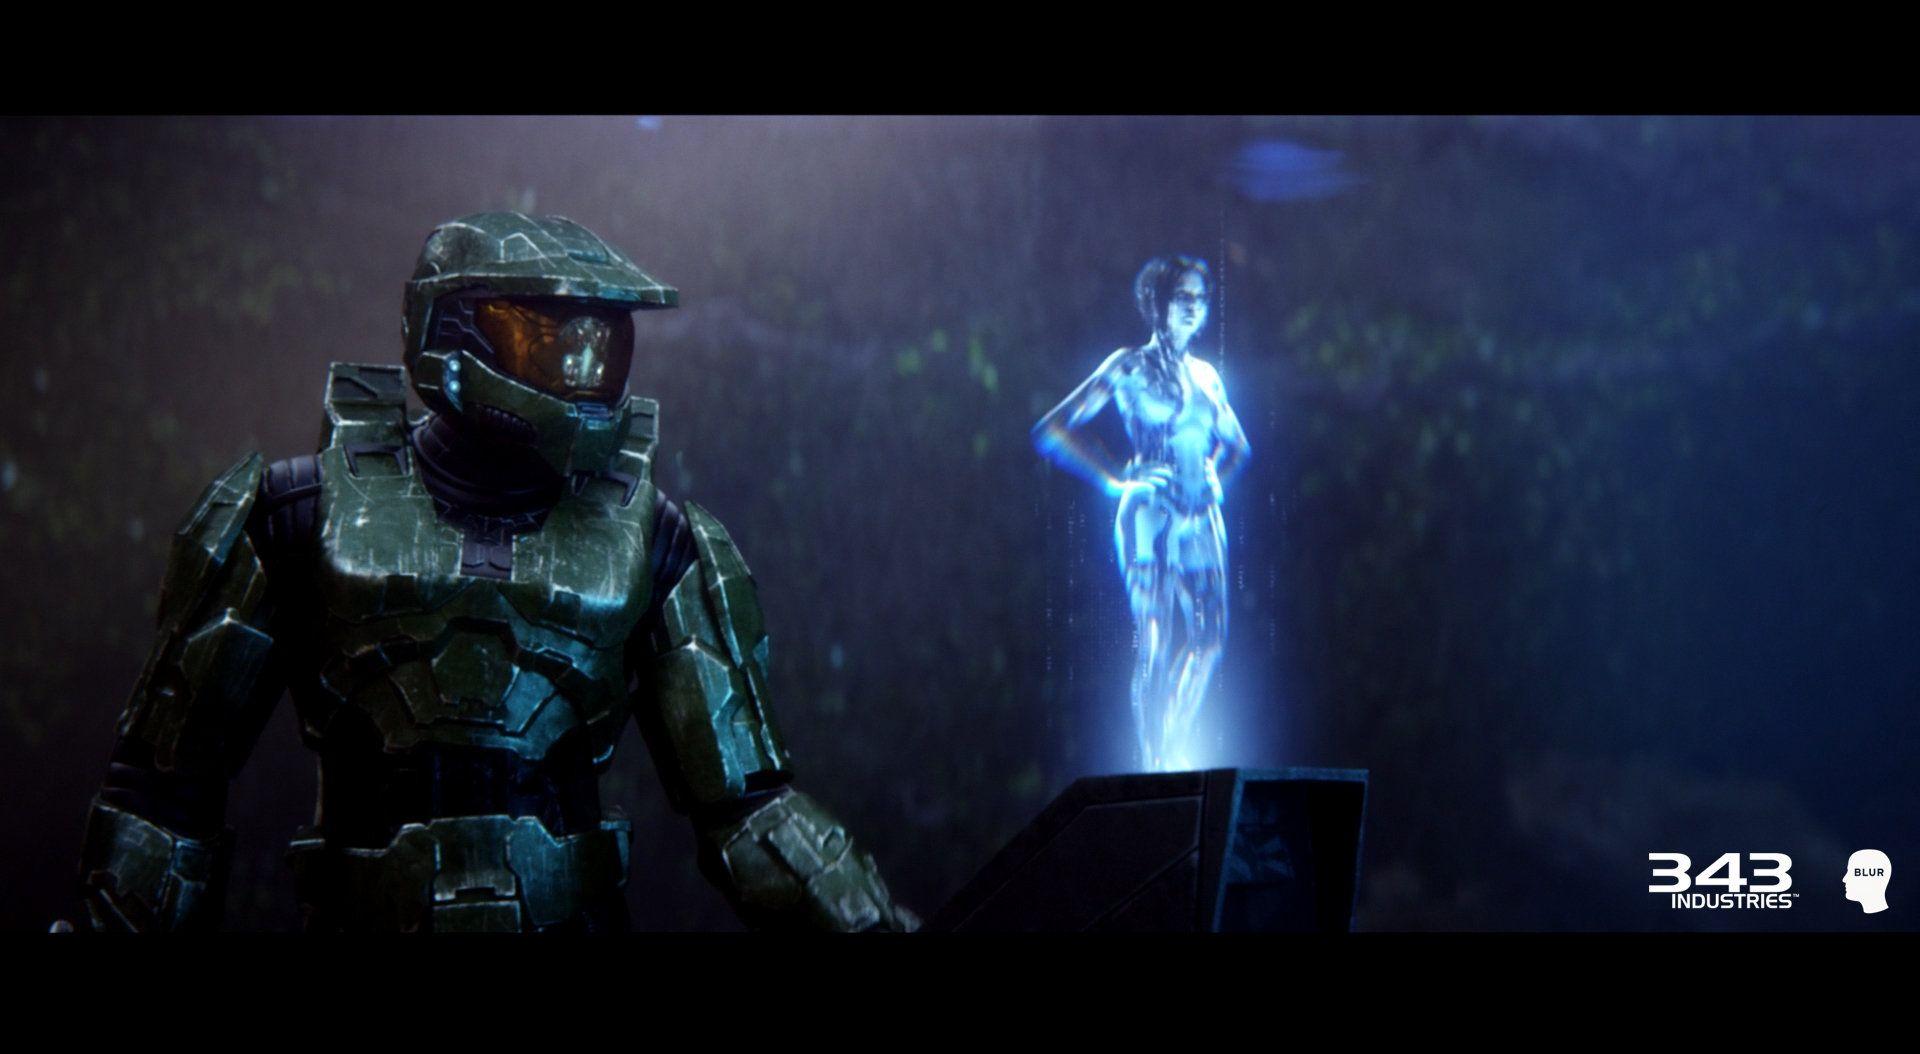 ArtStation - Halo 2 Anniversary Cutscene Characters (Cortana) for